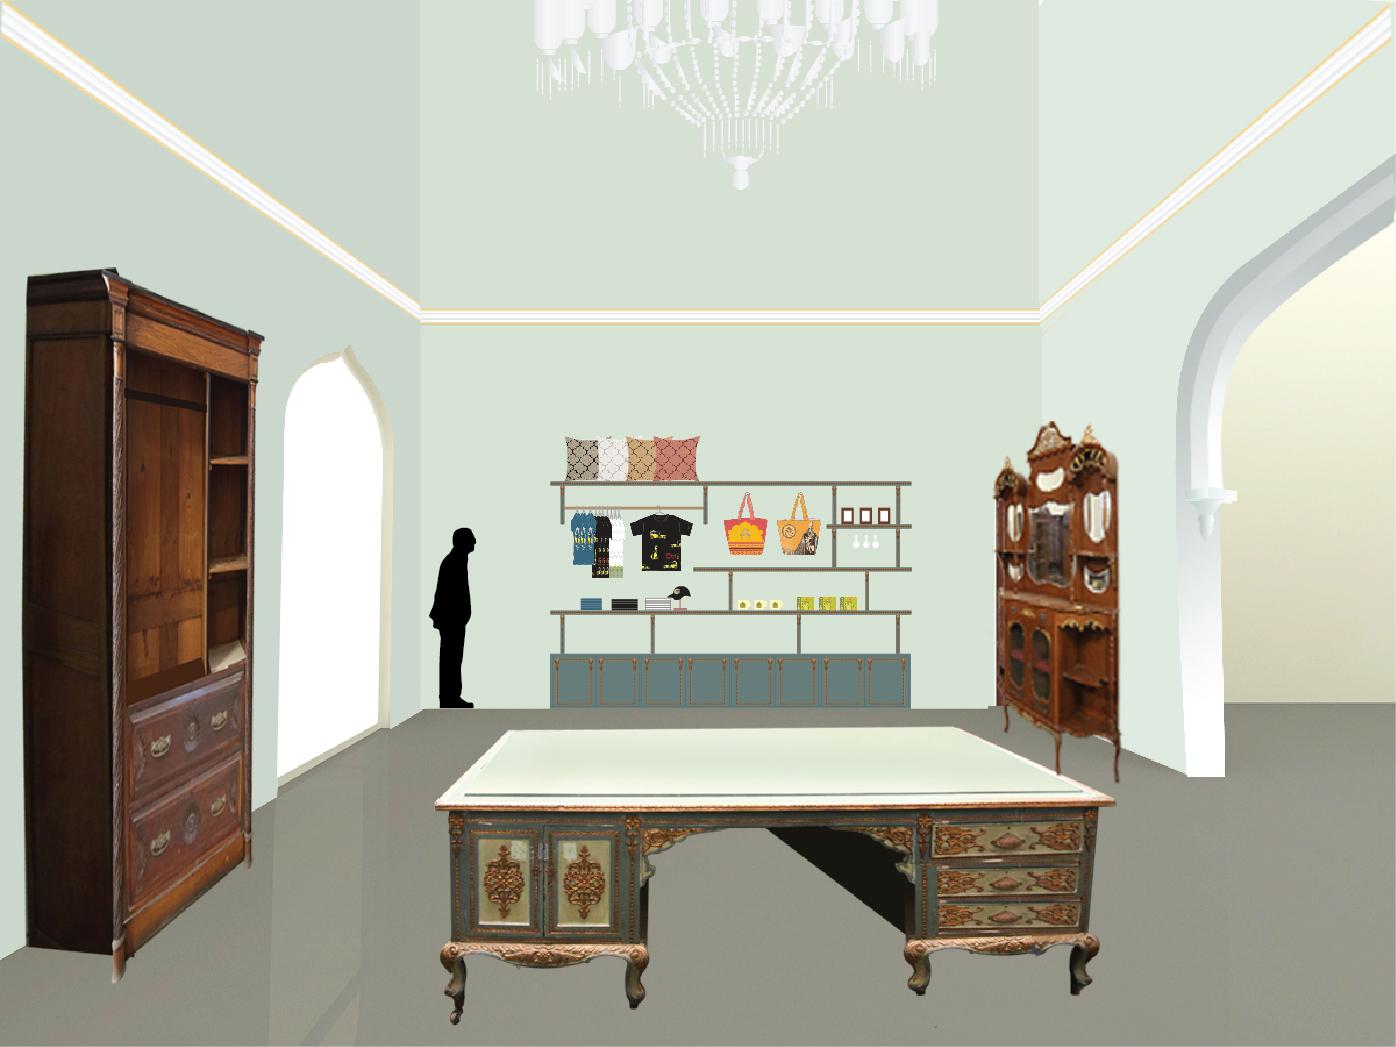 Chowmahalla Palace Museum Shop